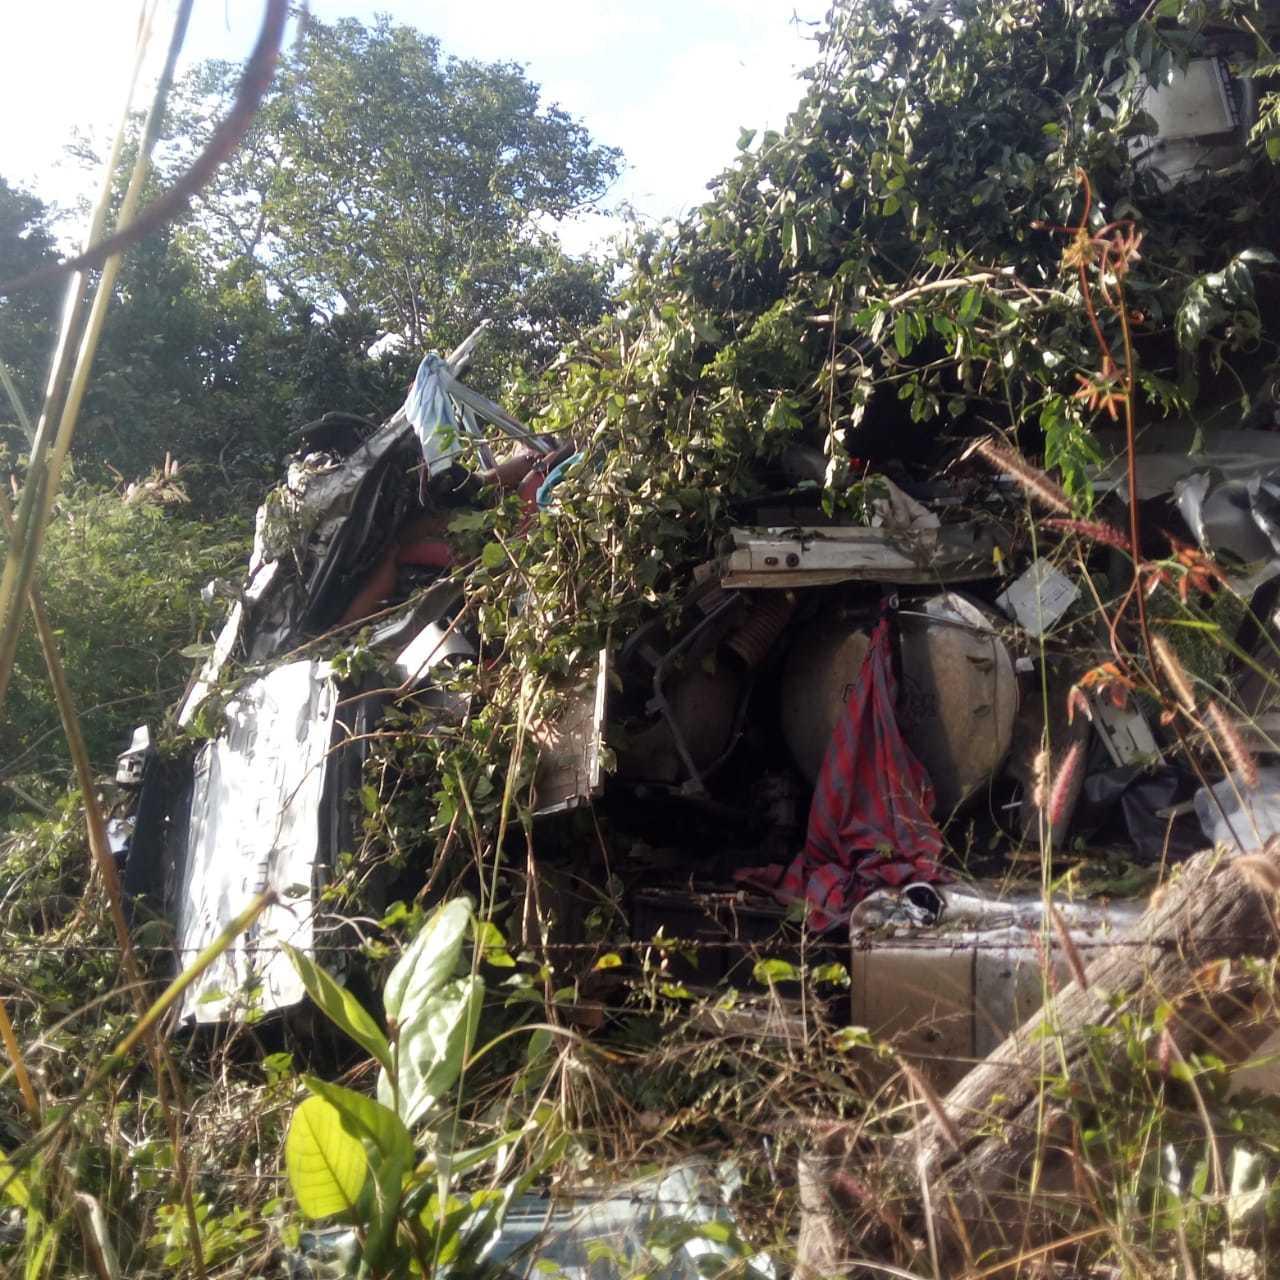 Caminhoneiro morre em grave acidente envolvendo duas carretas no Piauí - Imagem 1